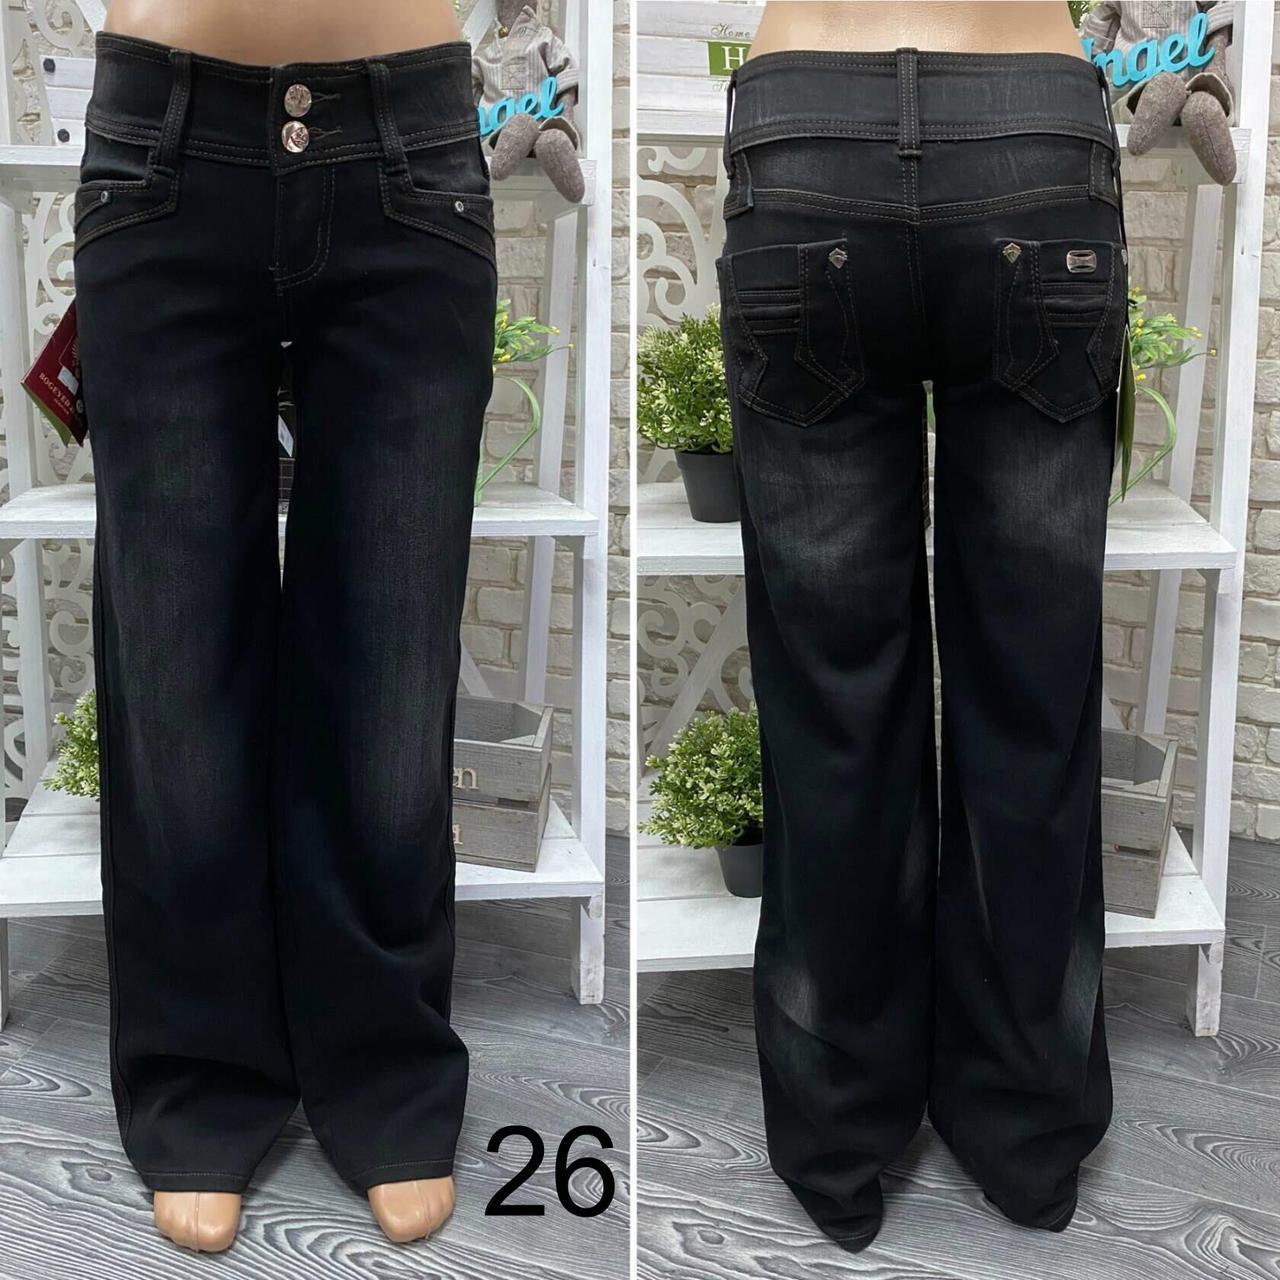 """Стильные женские расклешенные темные джинсы, ткань """"Джинс"""" 26, 27 размер 26"""